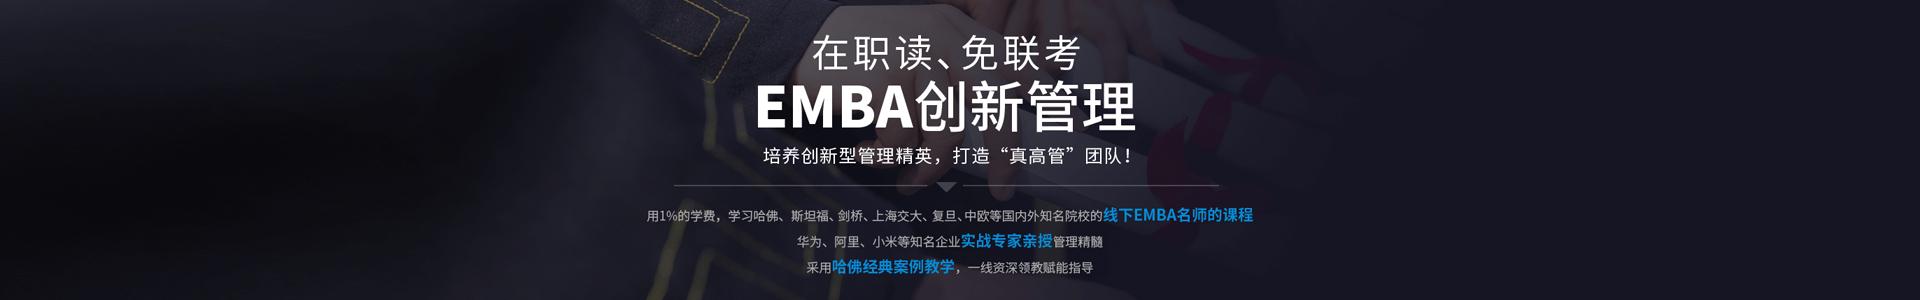 上海交大总裁管理研修班